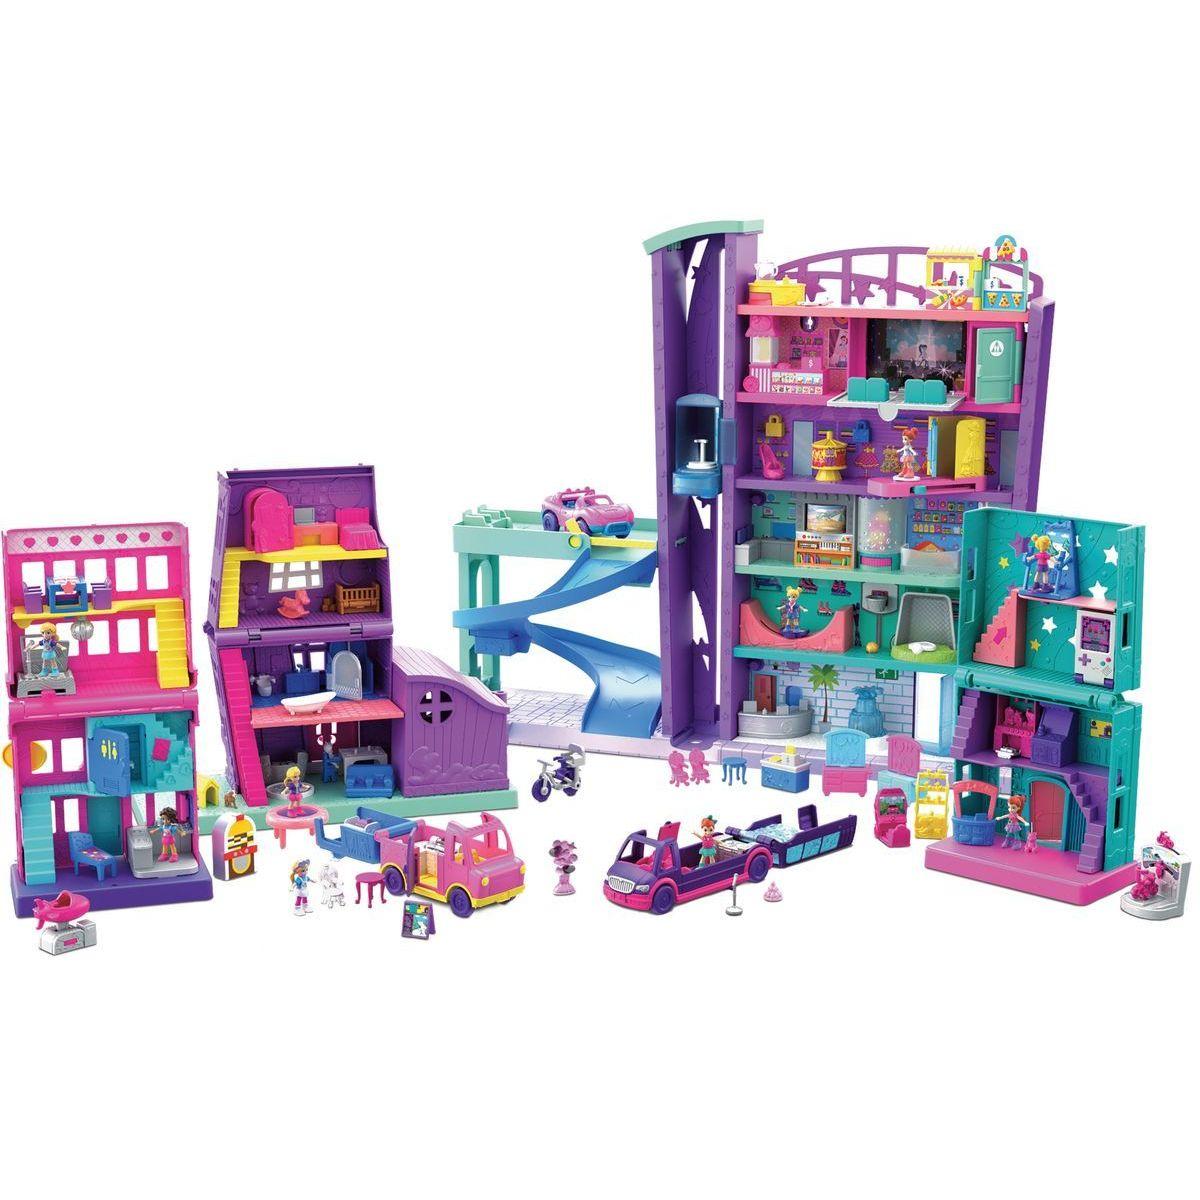 Mattel Polly pocket grande Galleria